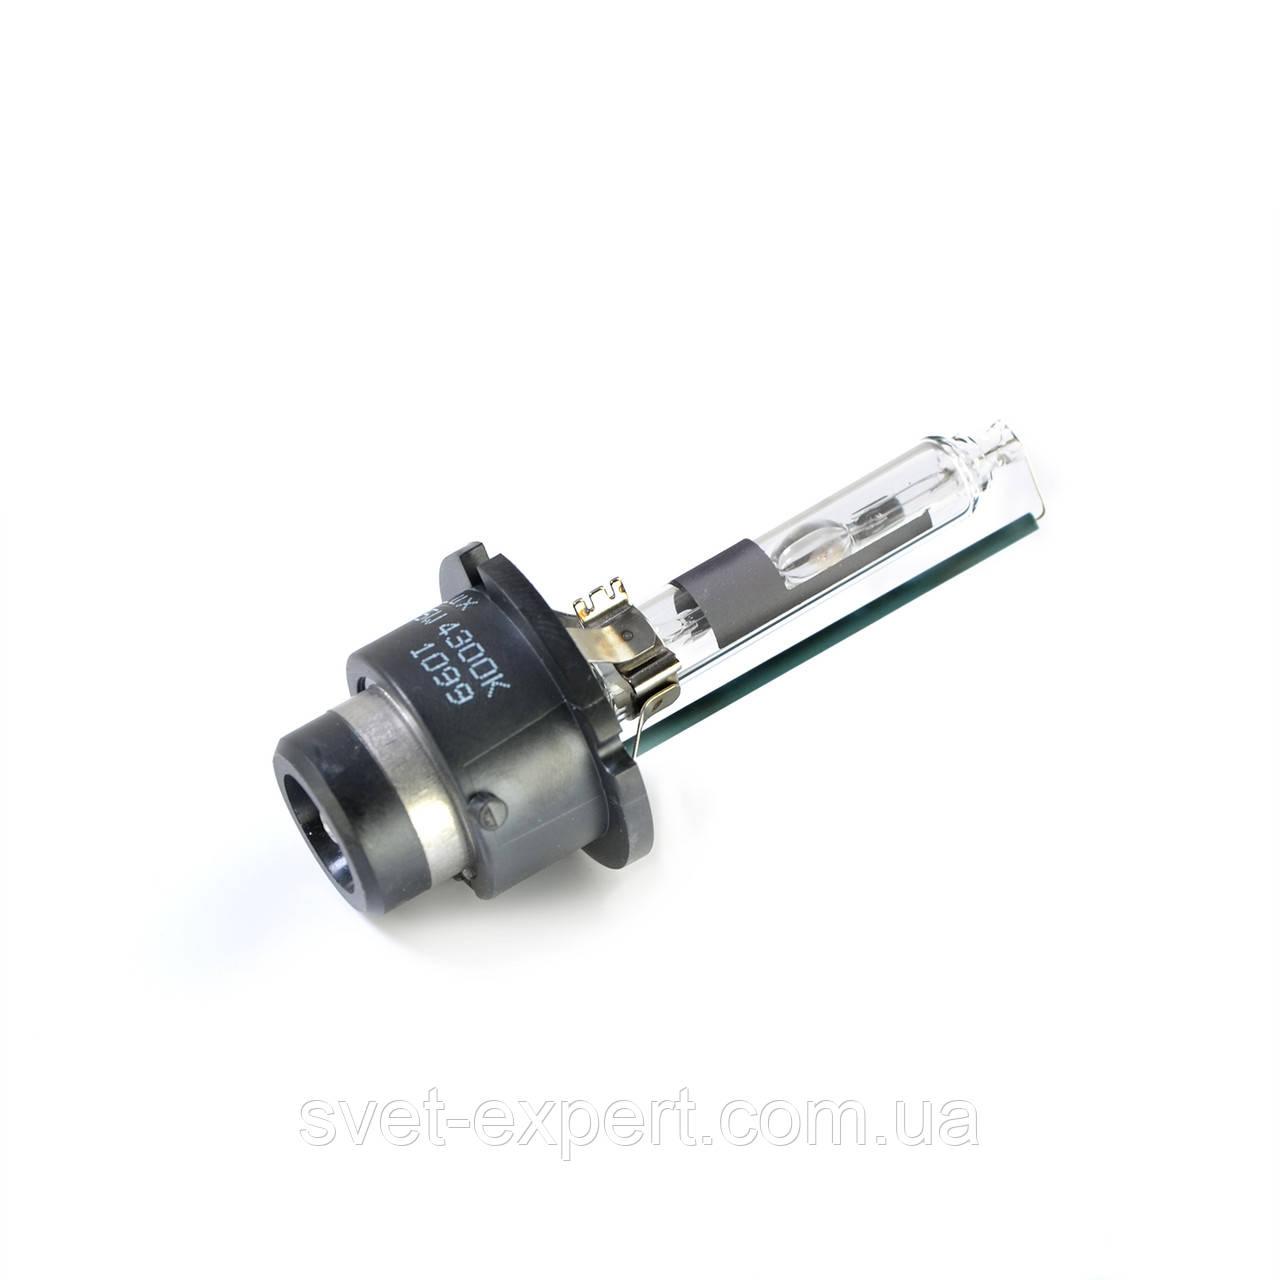 Ксенонові D4S 35 Вт 5000°К Лампи MLux (к-т 2 шт.)